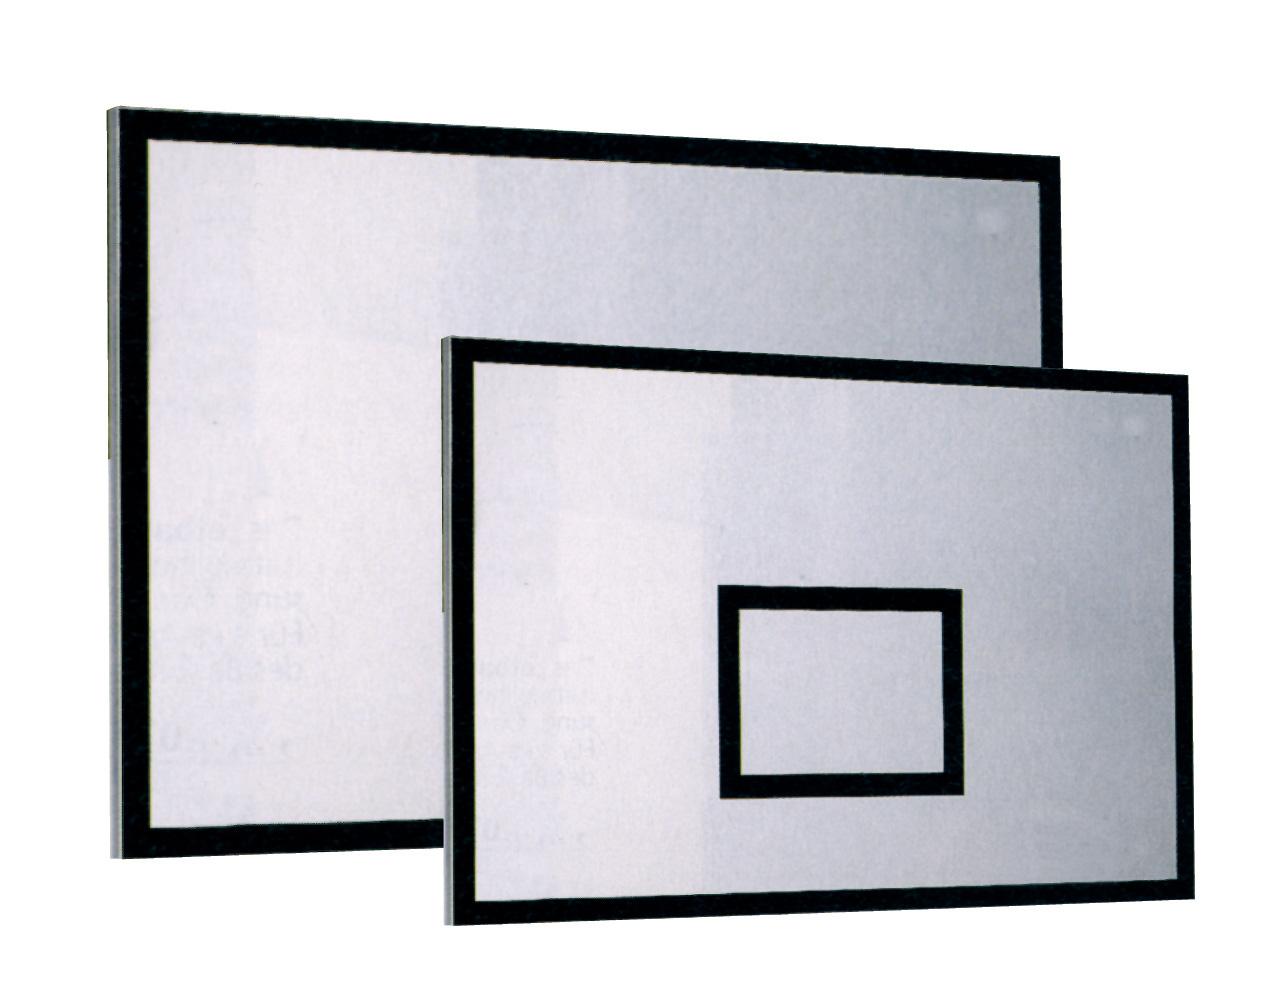 bc0900-52.jpg